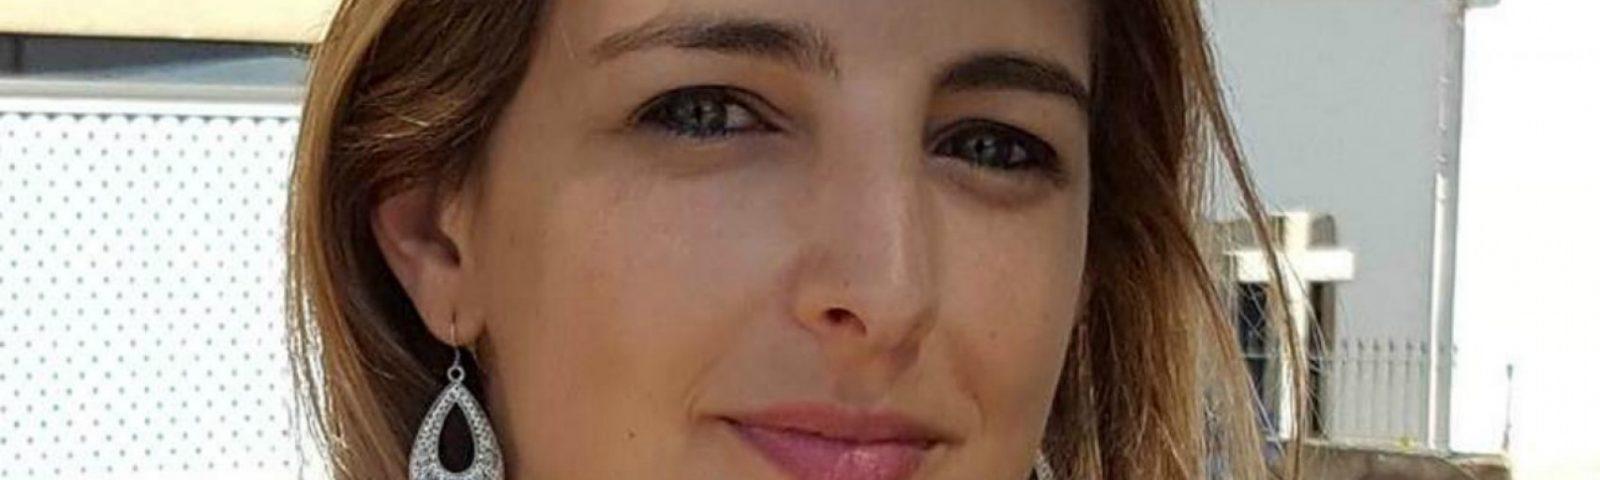 Liliana Nunes Spaso Zen